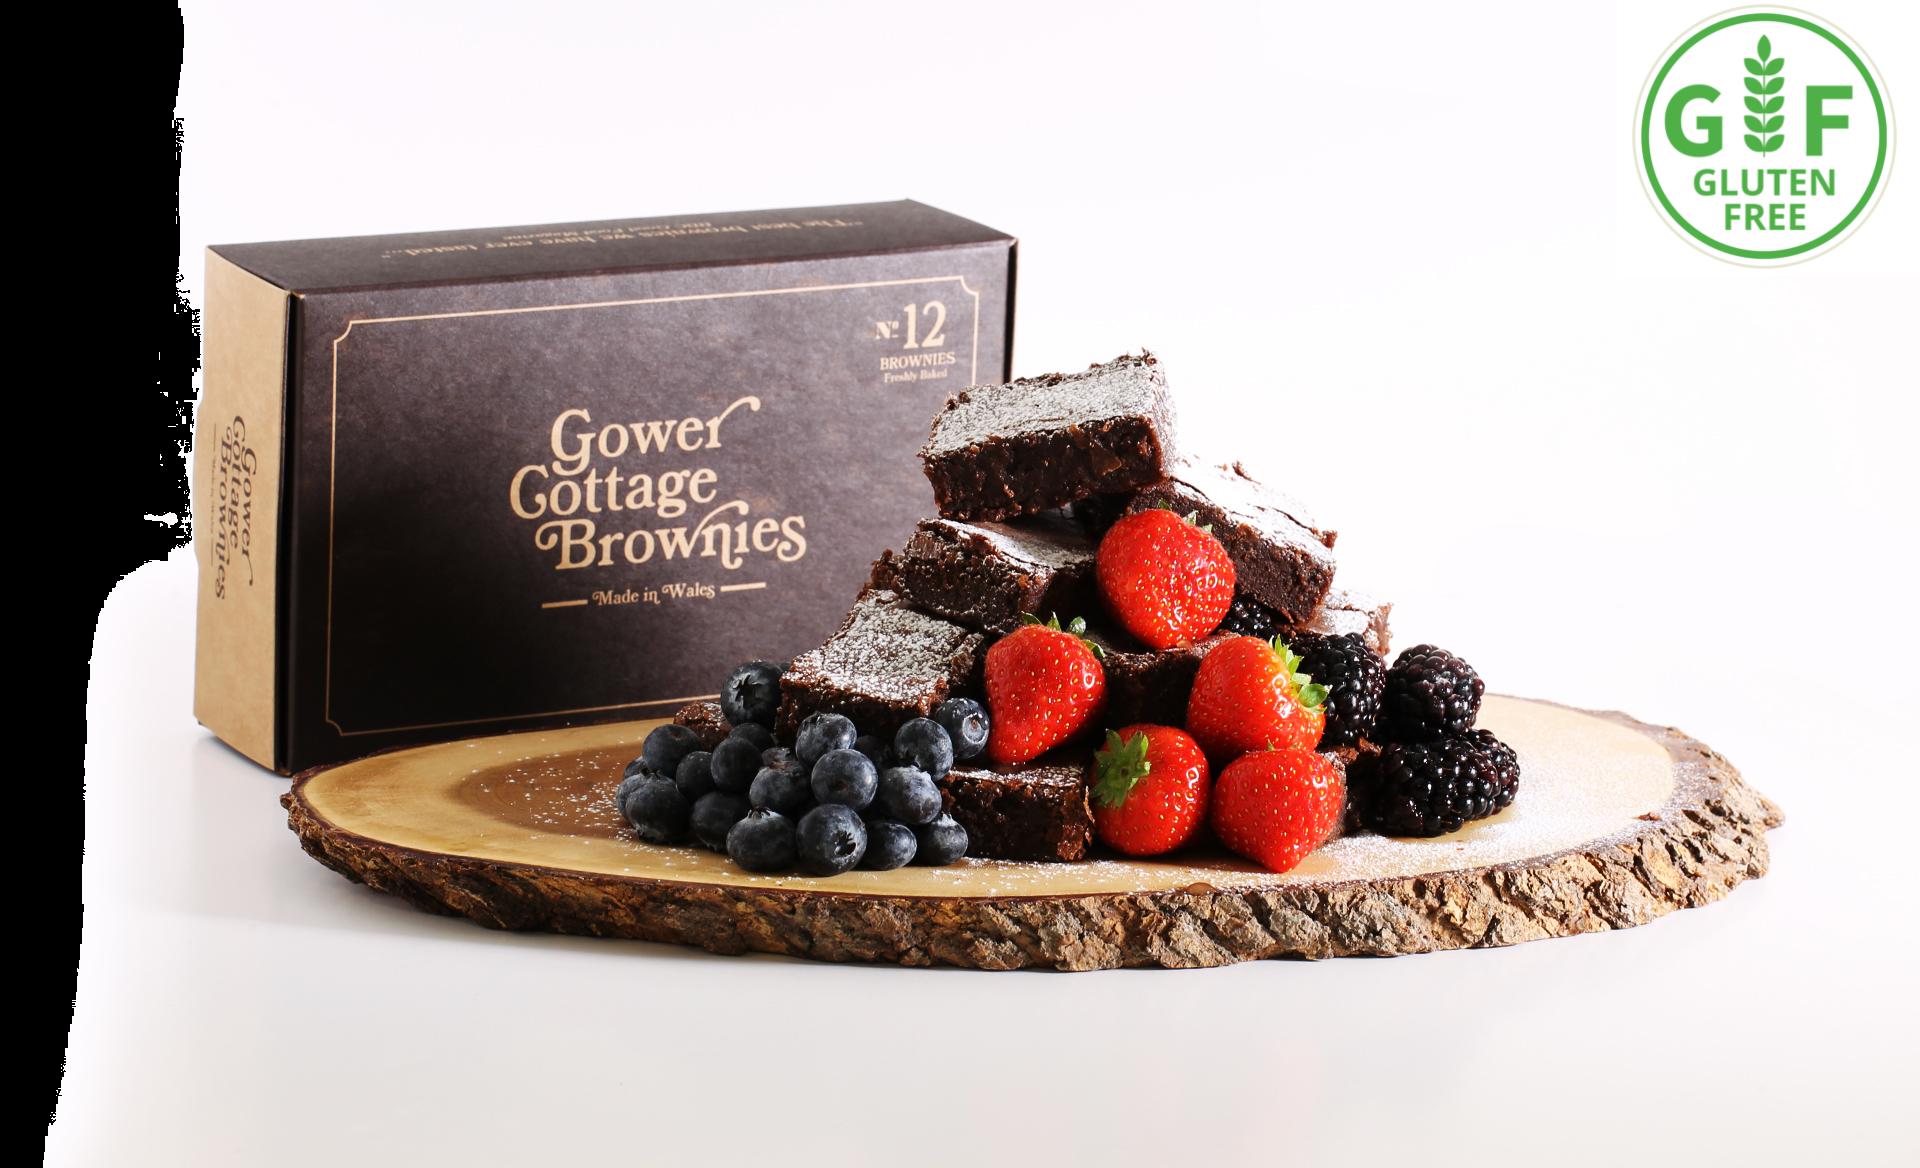 Gluten Free Gower Cottage Brownies